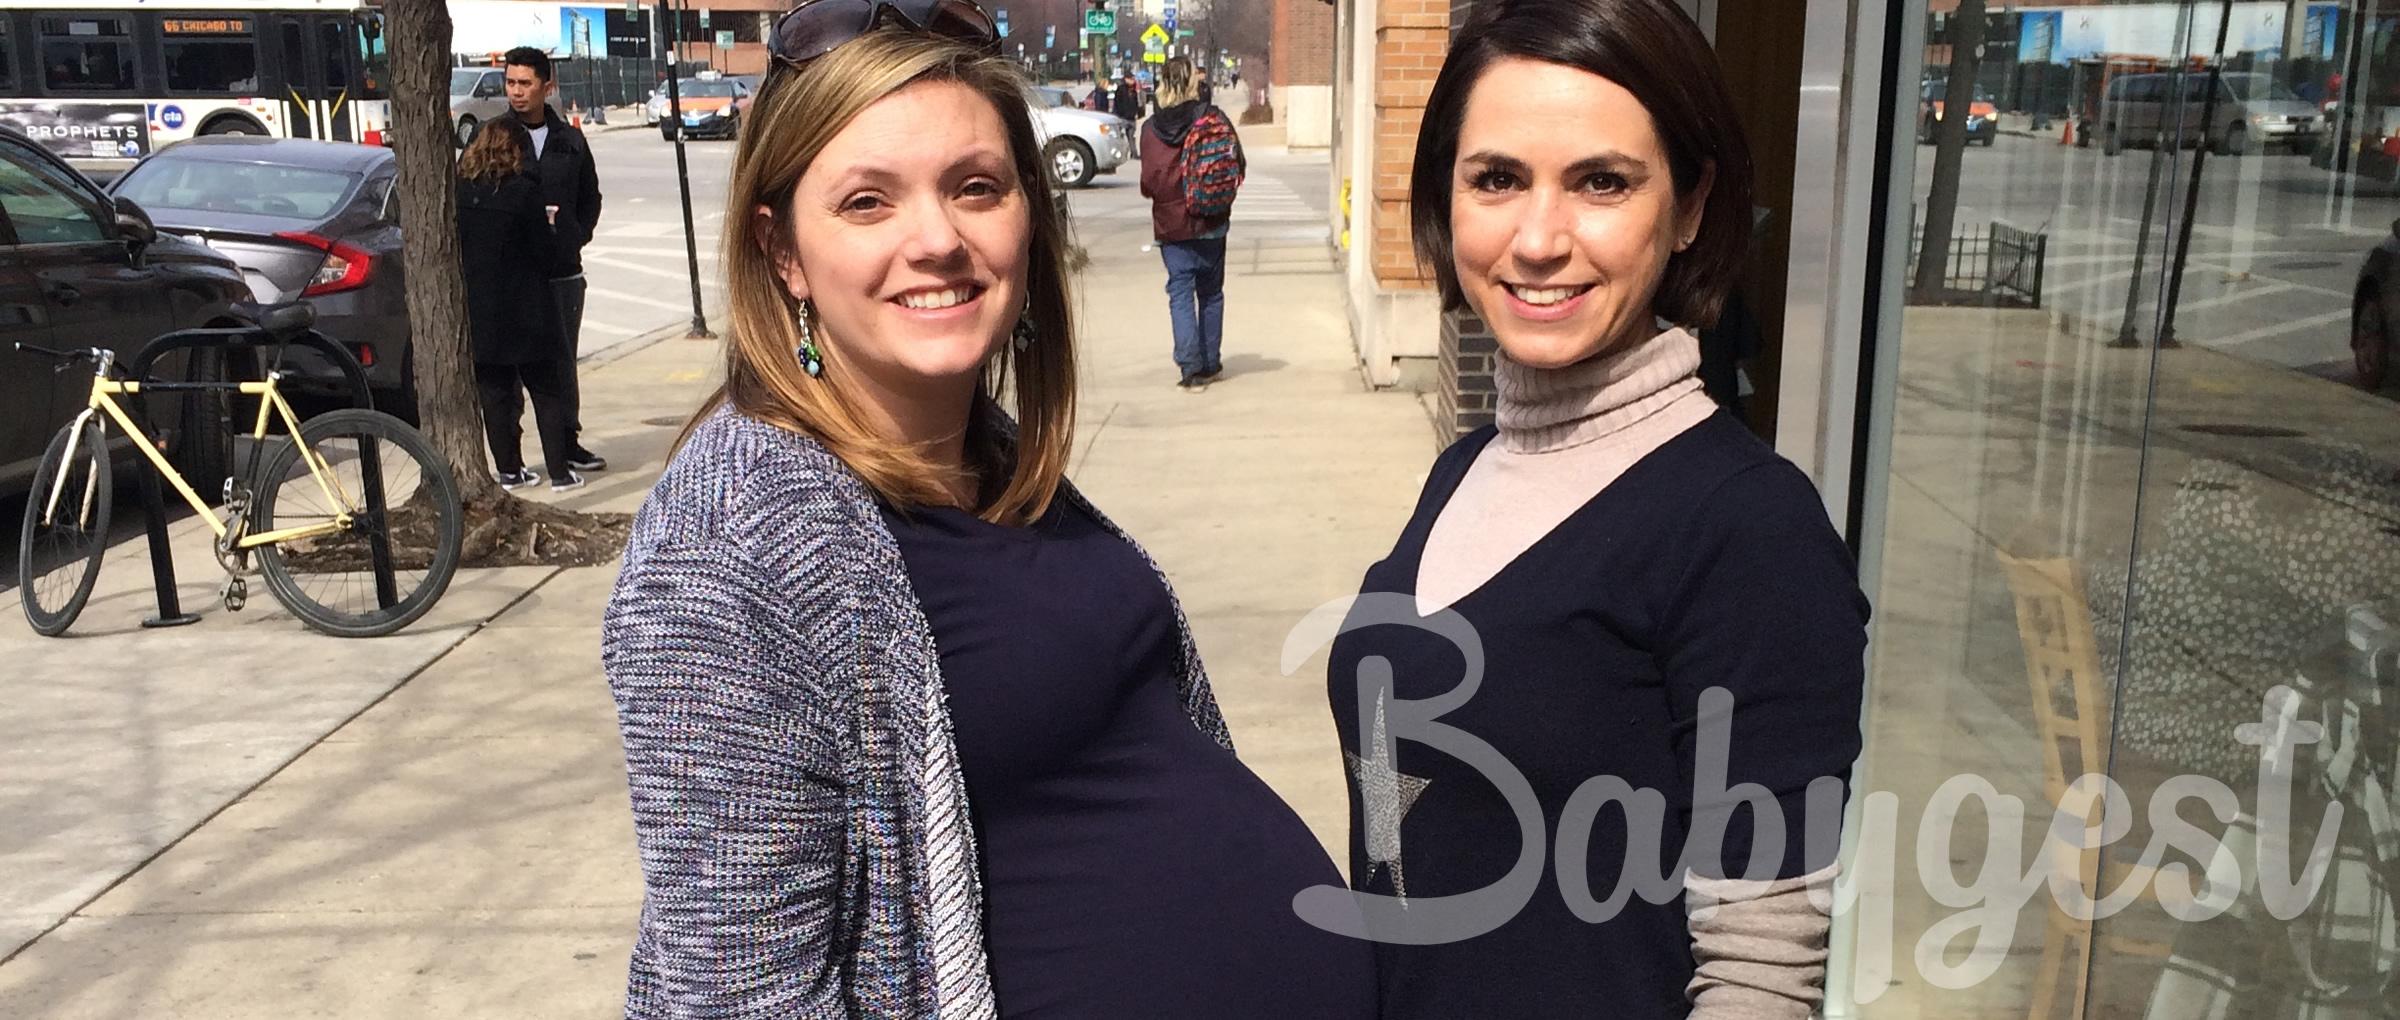 El embarazo de la gestante